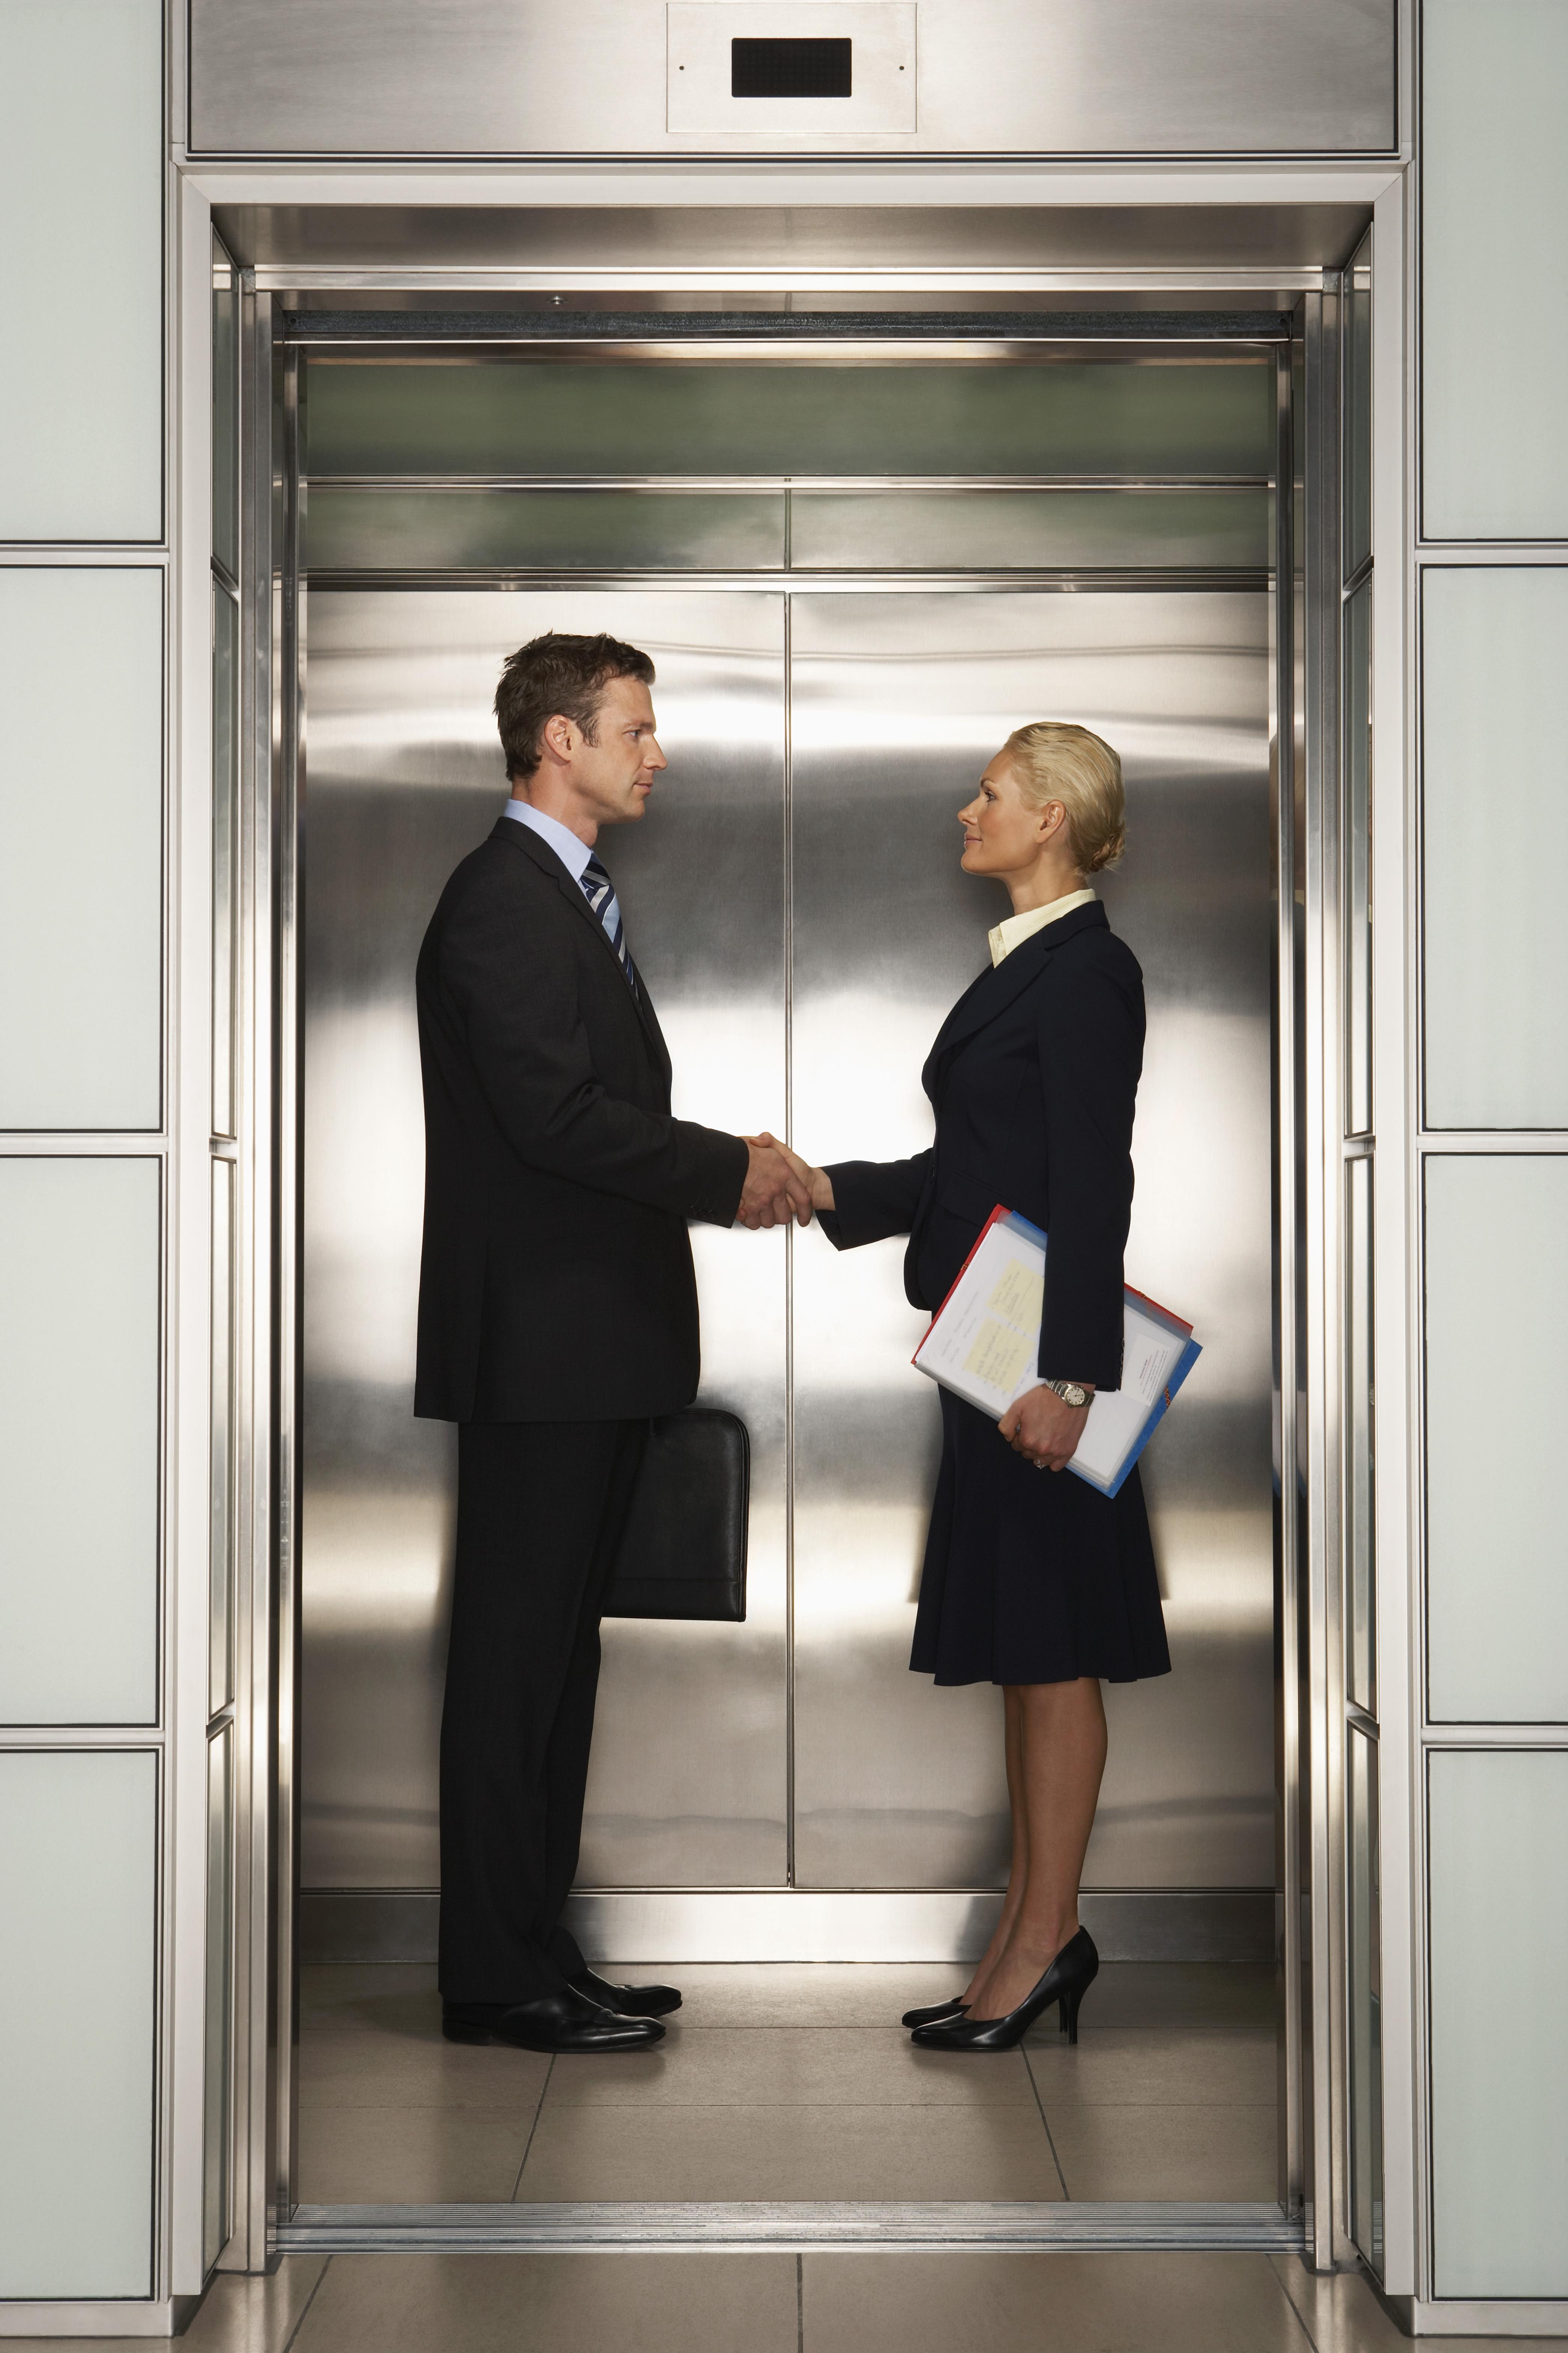 """f1468ecd662 ... ideed lühidalt ja konkreetselt. Michaeli elukaaslane Ilene Rosenzweig  tavatses pärast tööpäeva kodus uurida, kuidas mehe """"liftikõned"""" läksid, ..."""